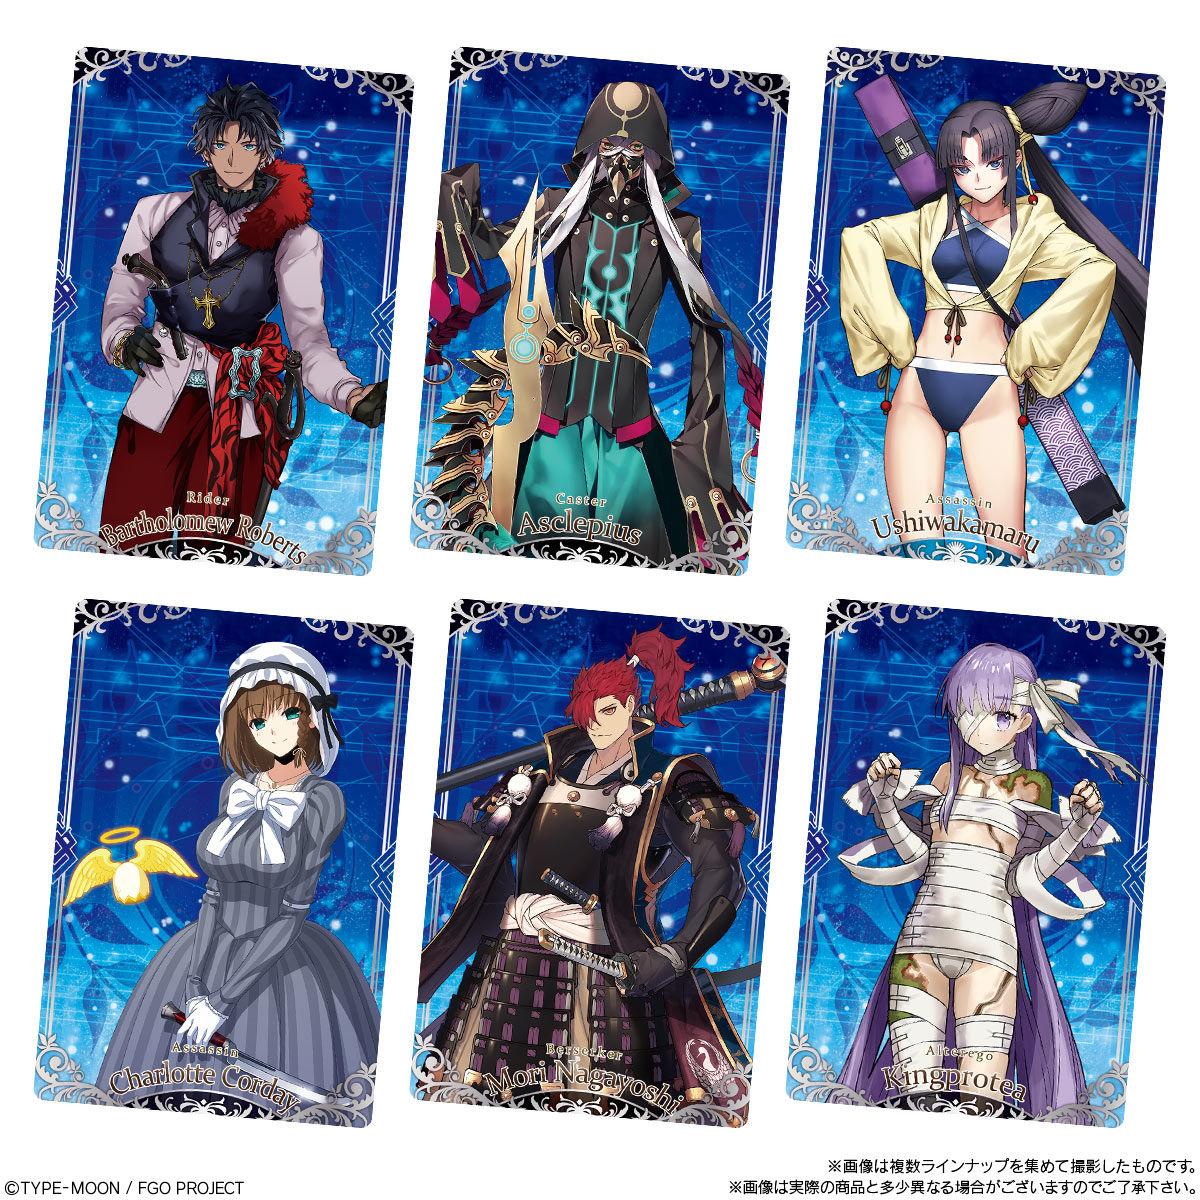 【食玩】『Fate/Grand Order ウエハース9』20個入りBOX-004